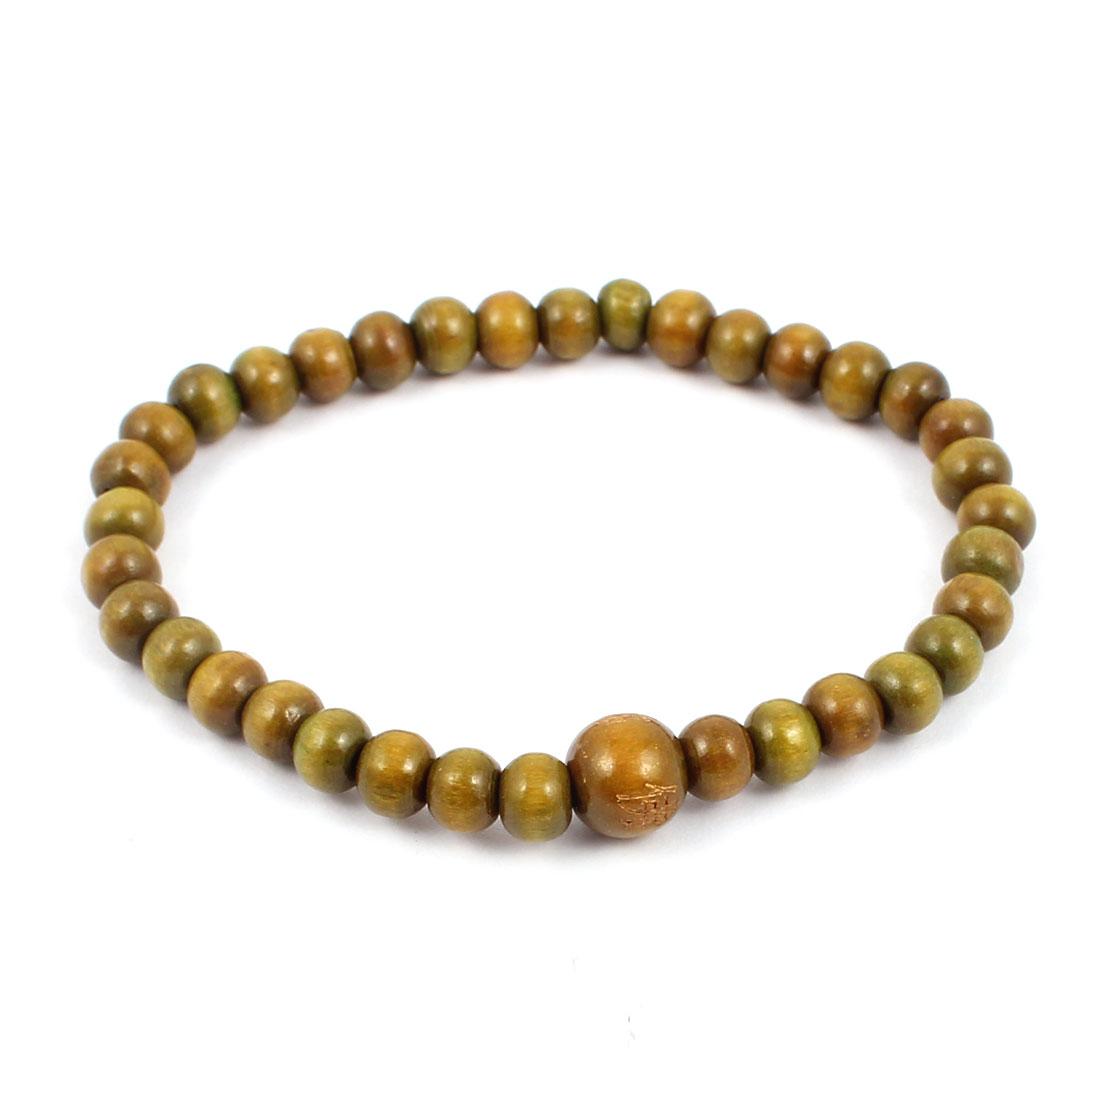 Unisex Wood Elastic Wrist Buddha Pray Beaded Bangle Bracelet Green